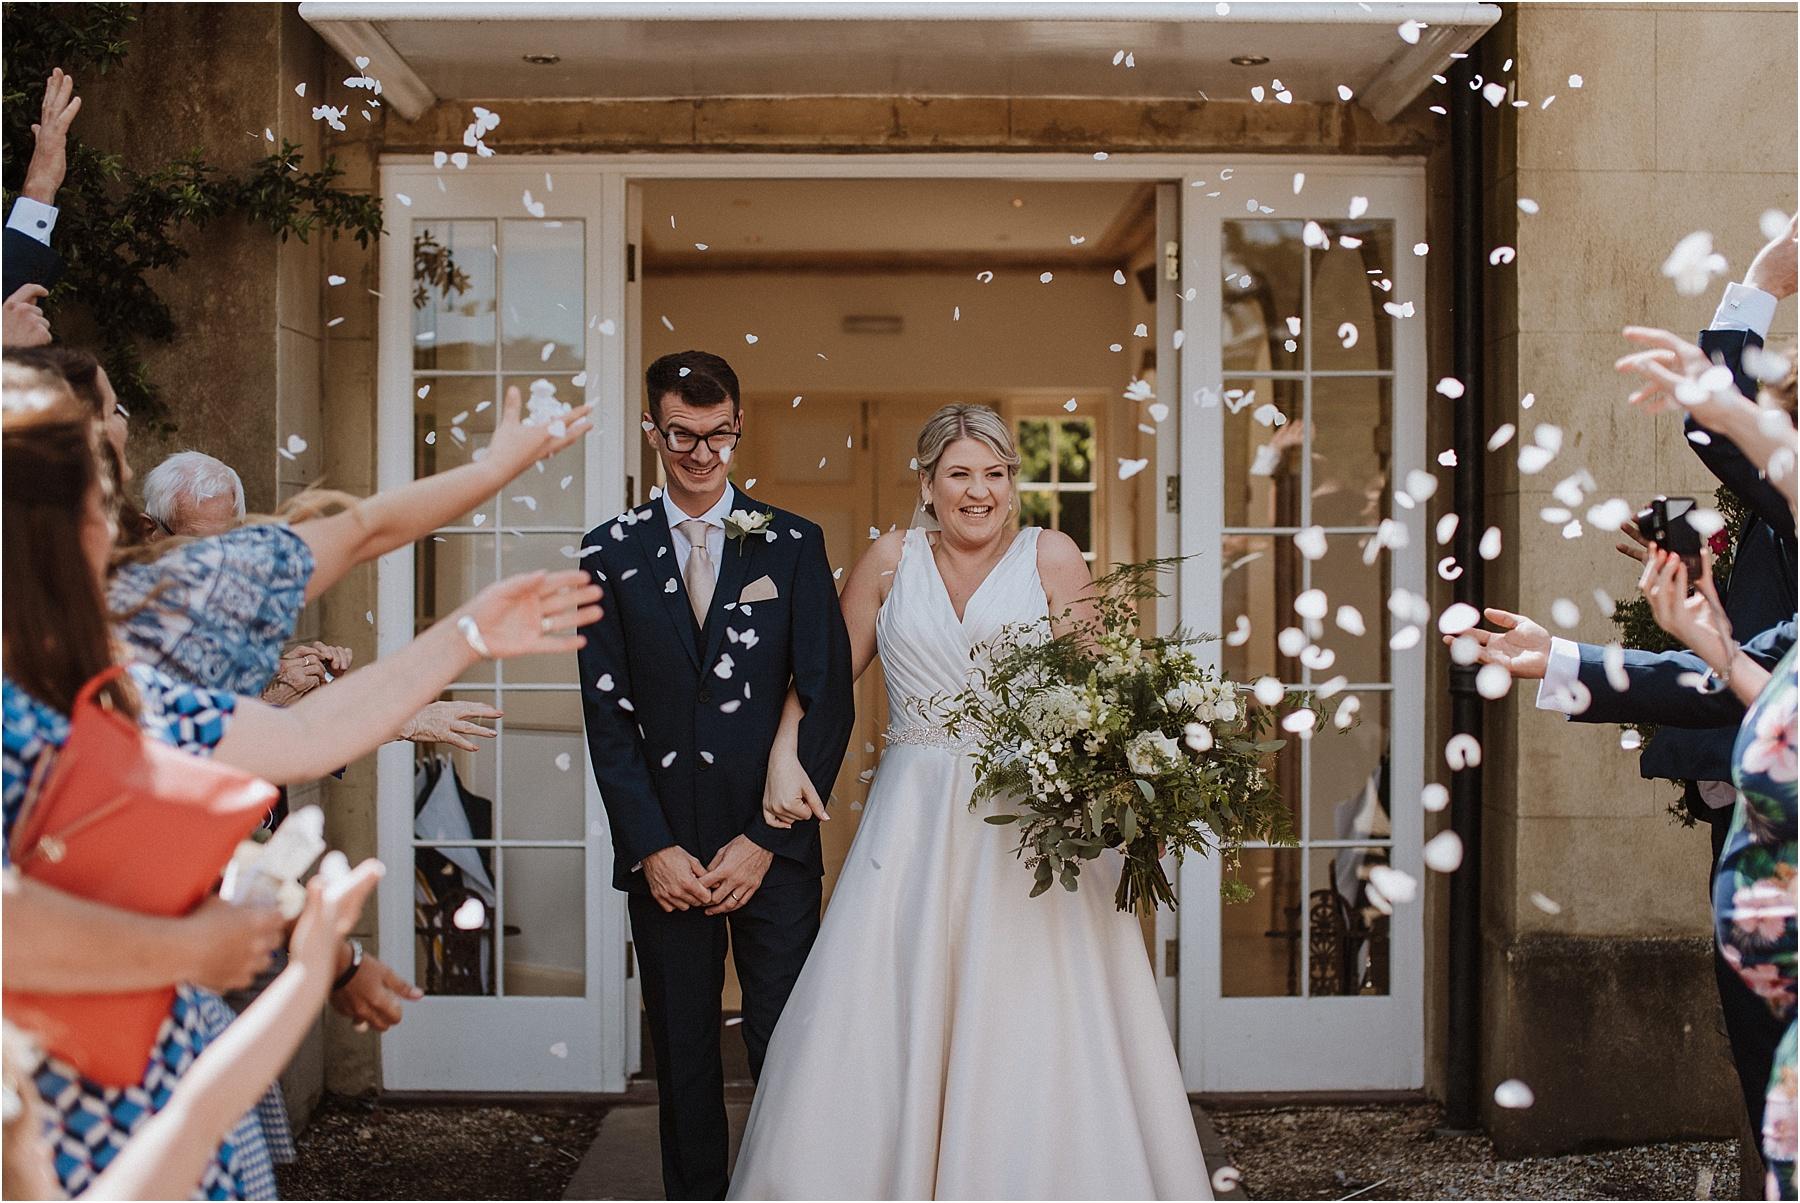 Wedding at Northbrook Park in Surrey